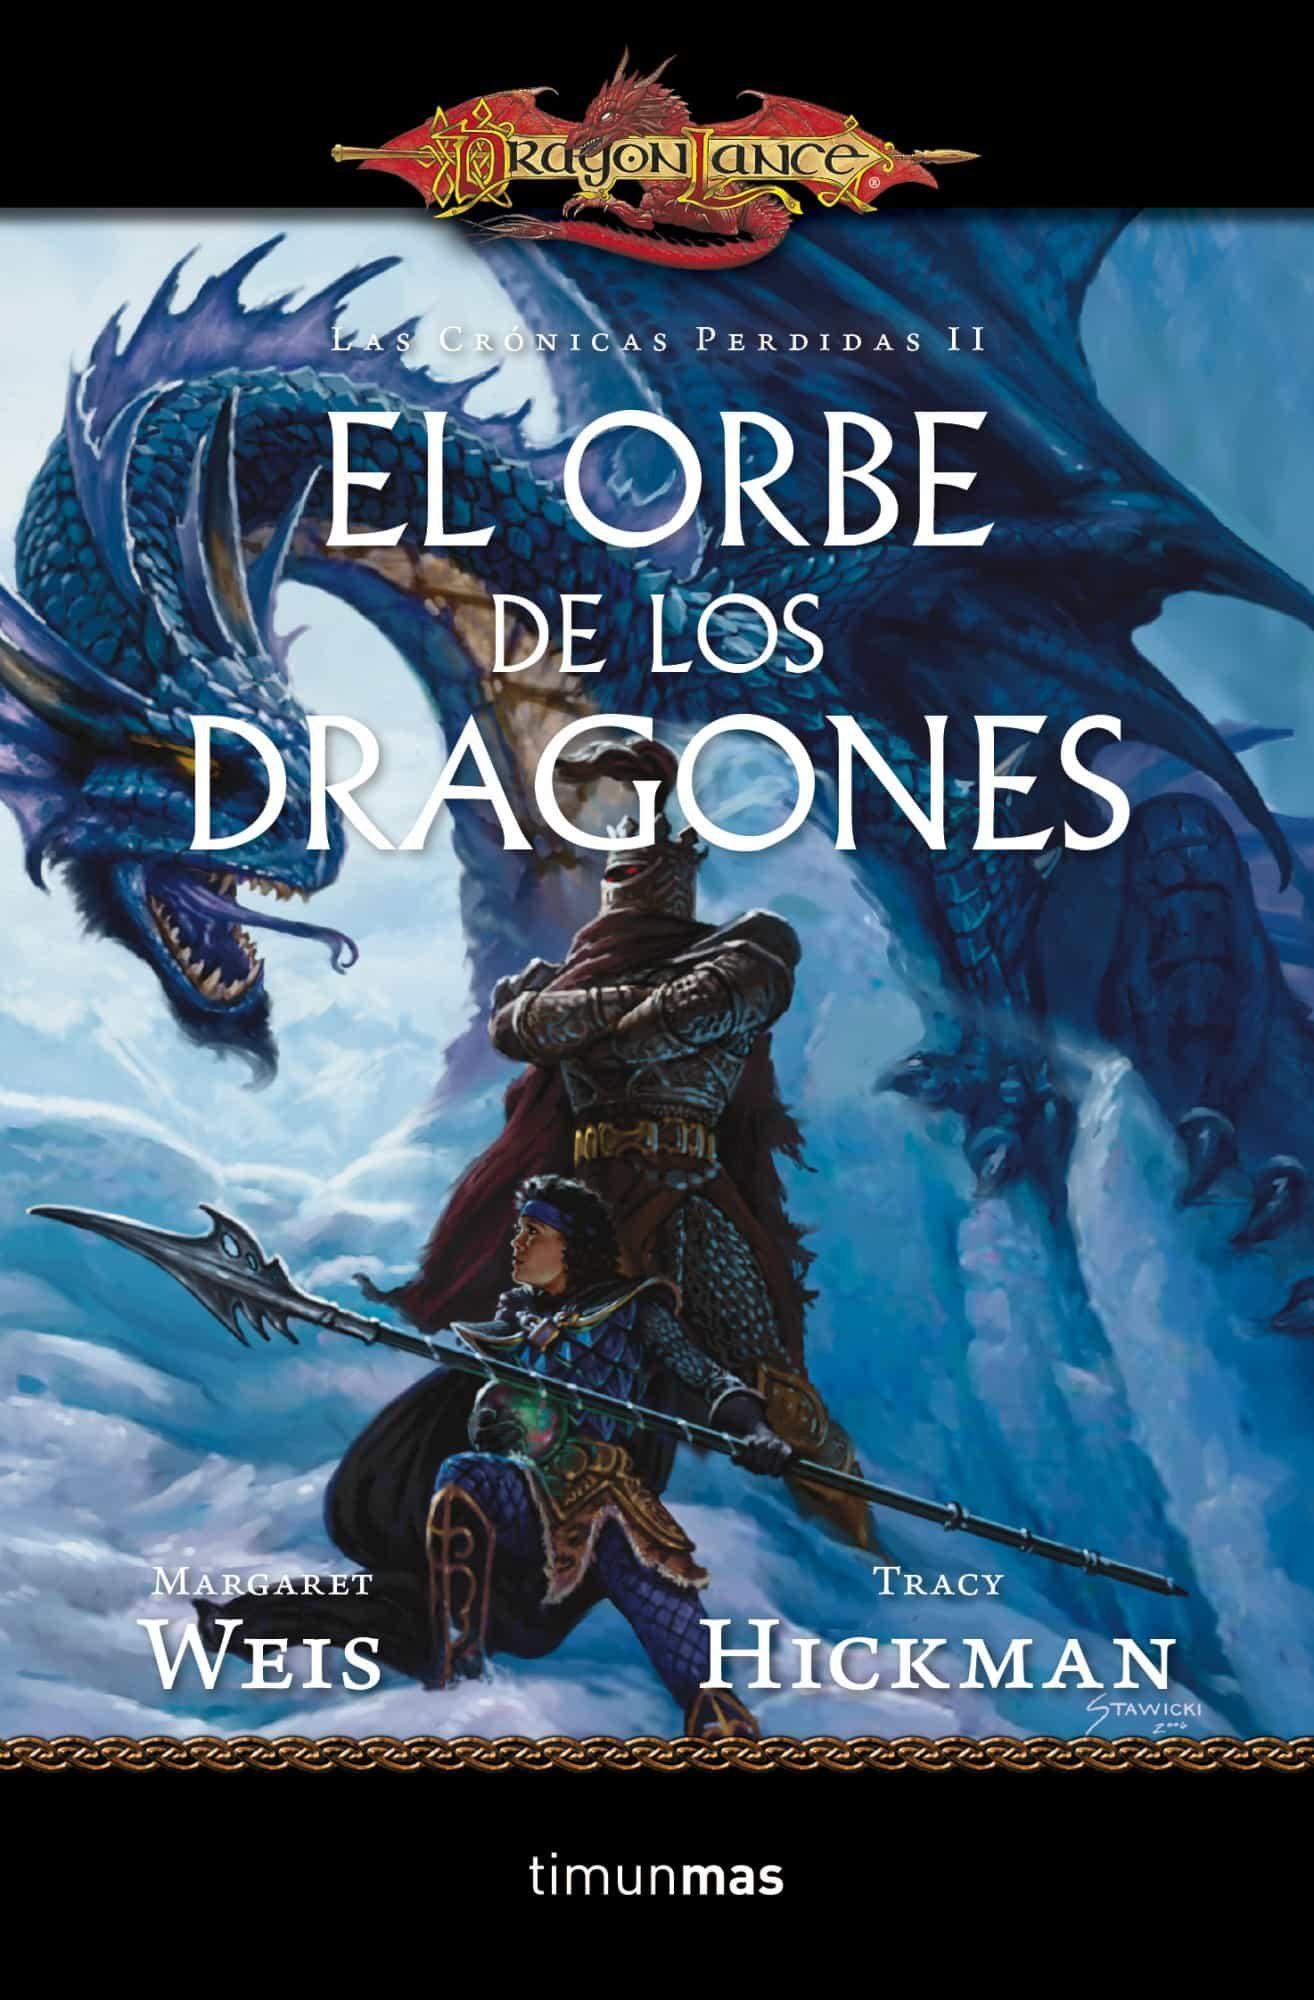 El orbe de los dragones dragonlance las cronicas perdidas margaret weis